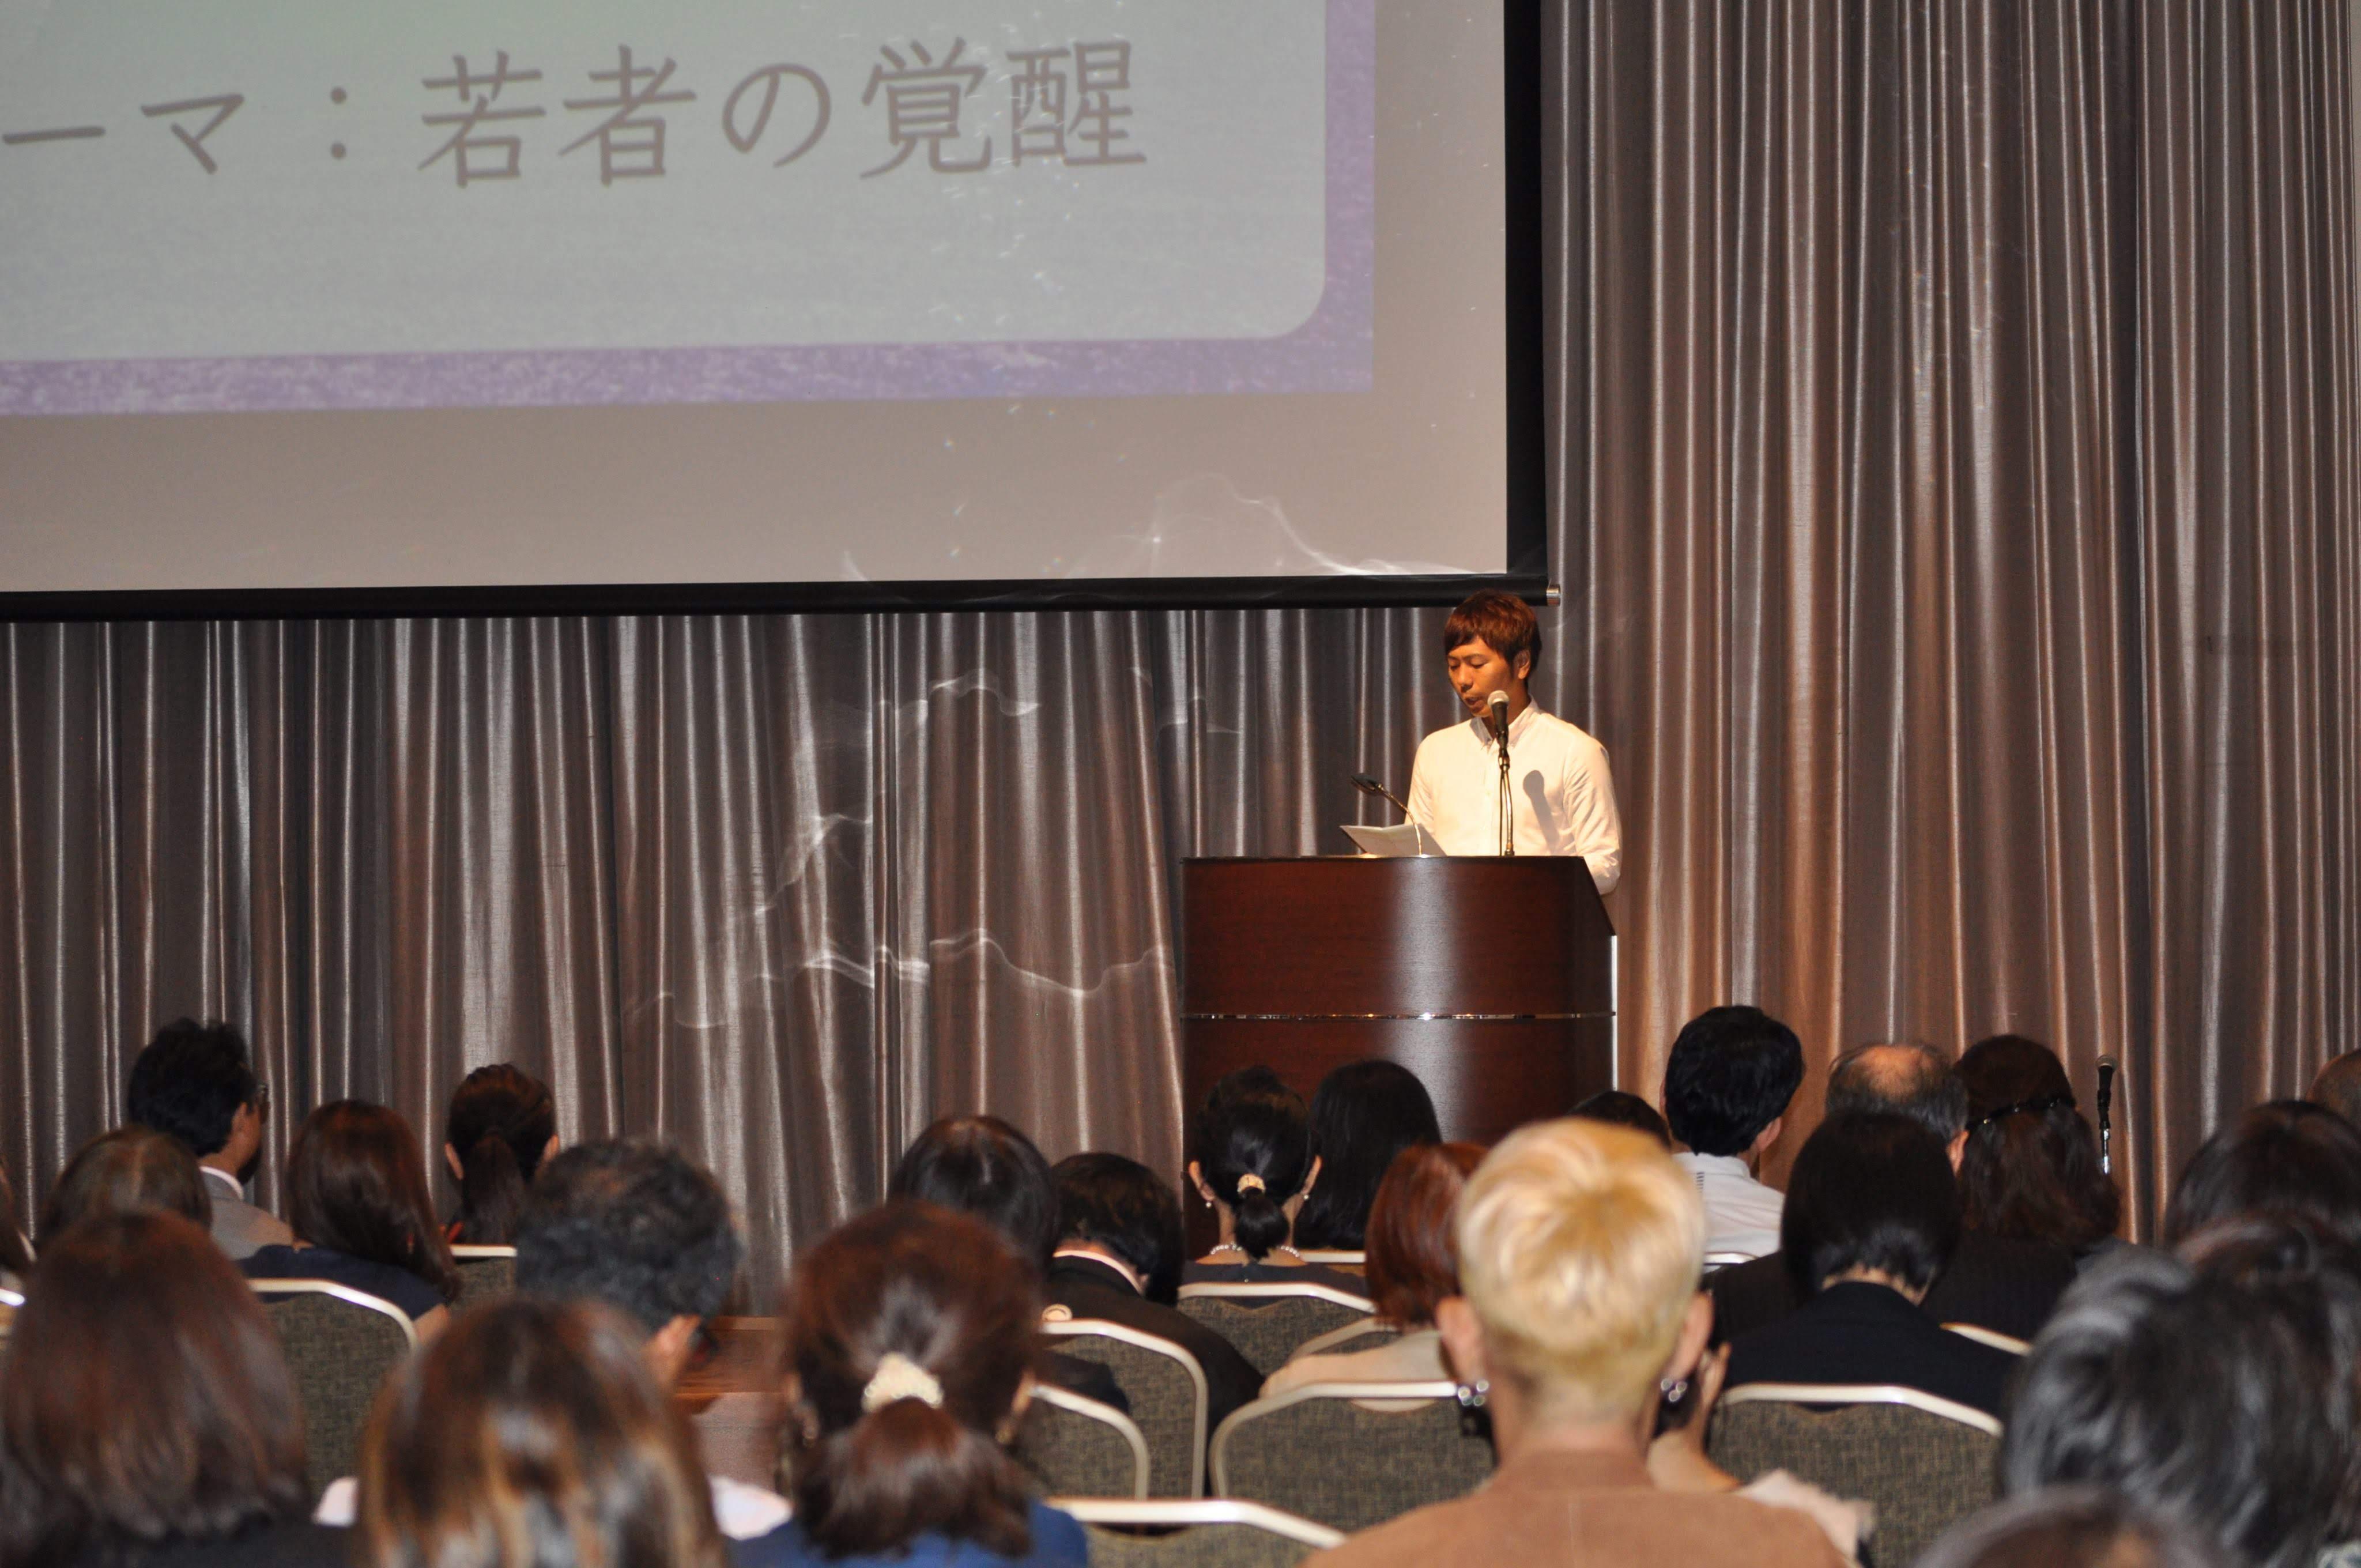 45108659 111185609822533 526876467267633152 n 1 - 思風会全国大会in広島